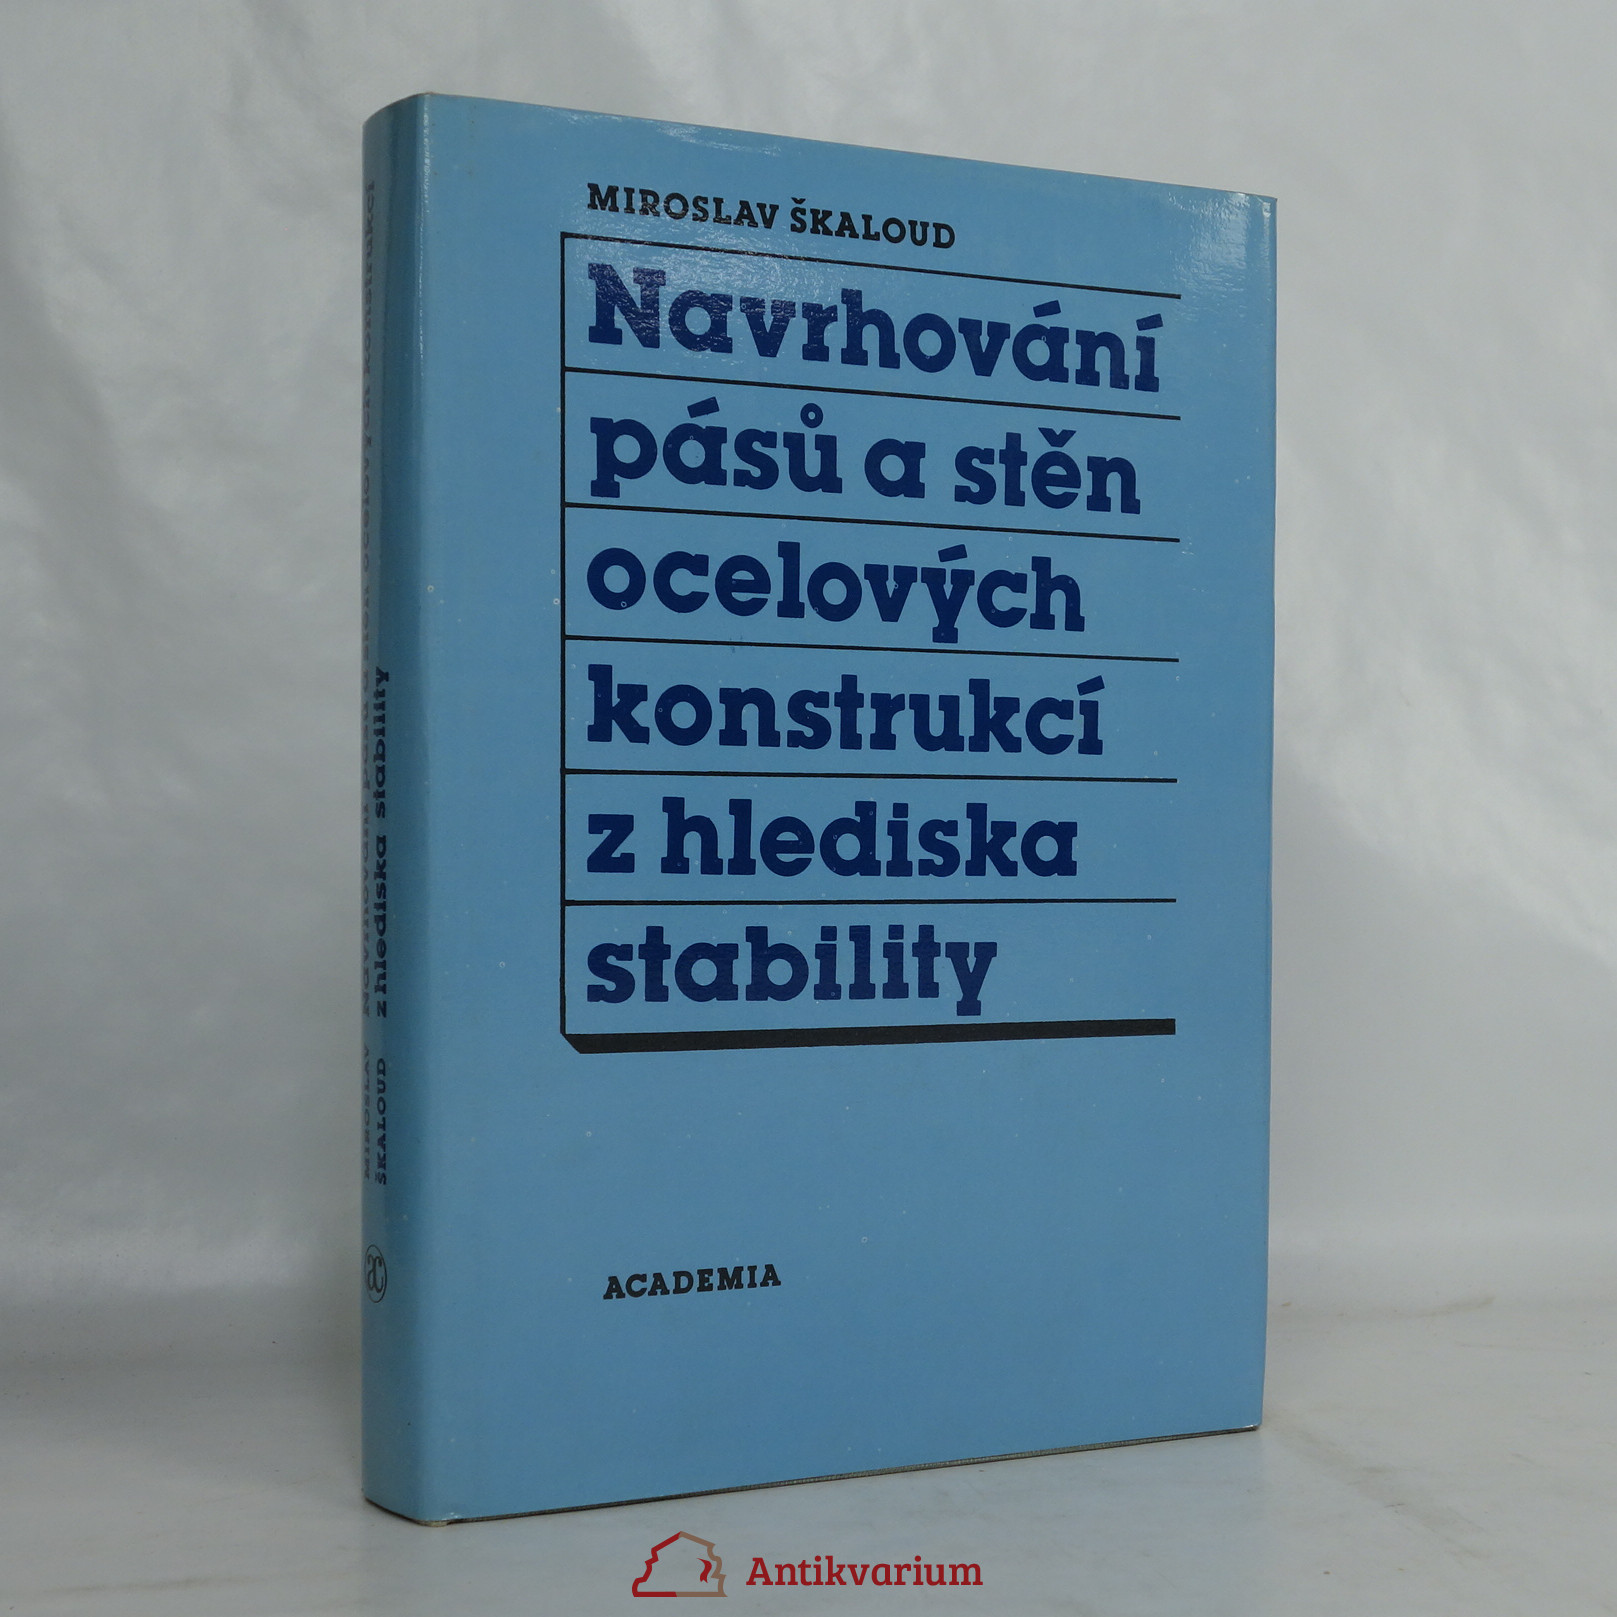 antikvární kniha Navrhování pásů a stěn ocelových konstrukcí z hlediska stability, 1988